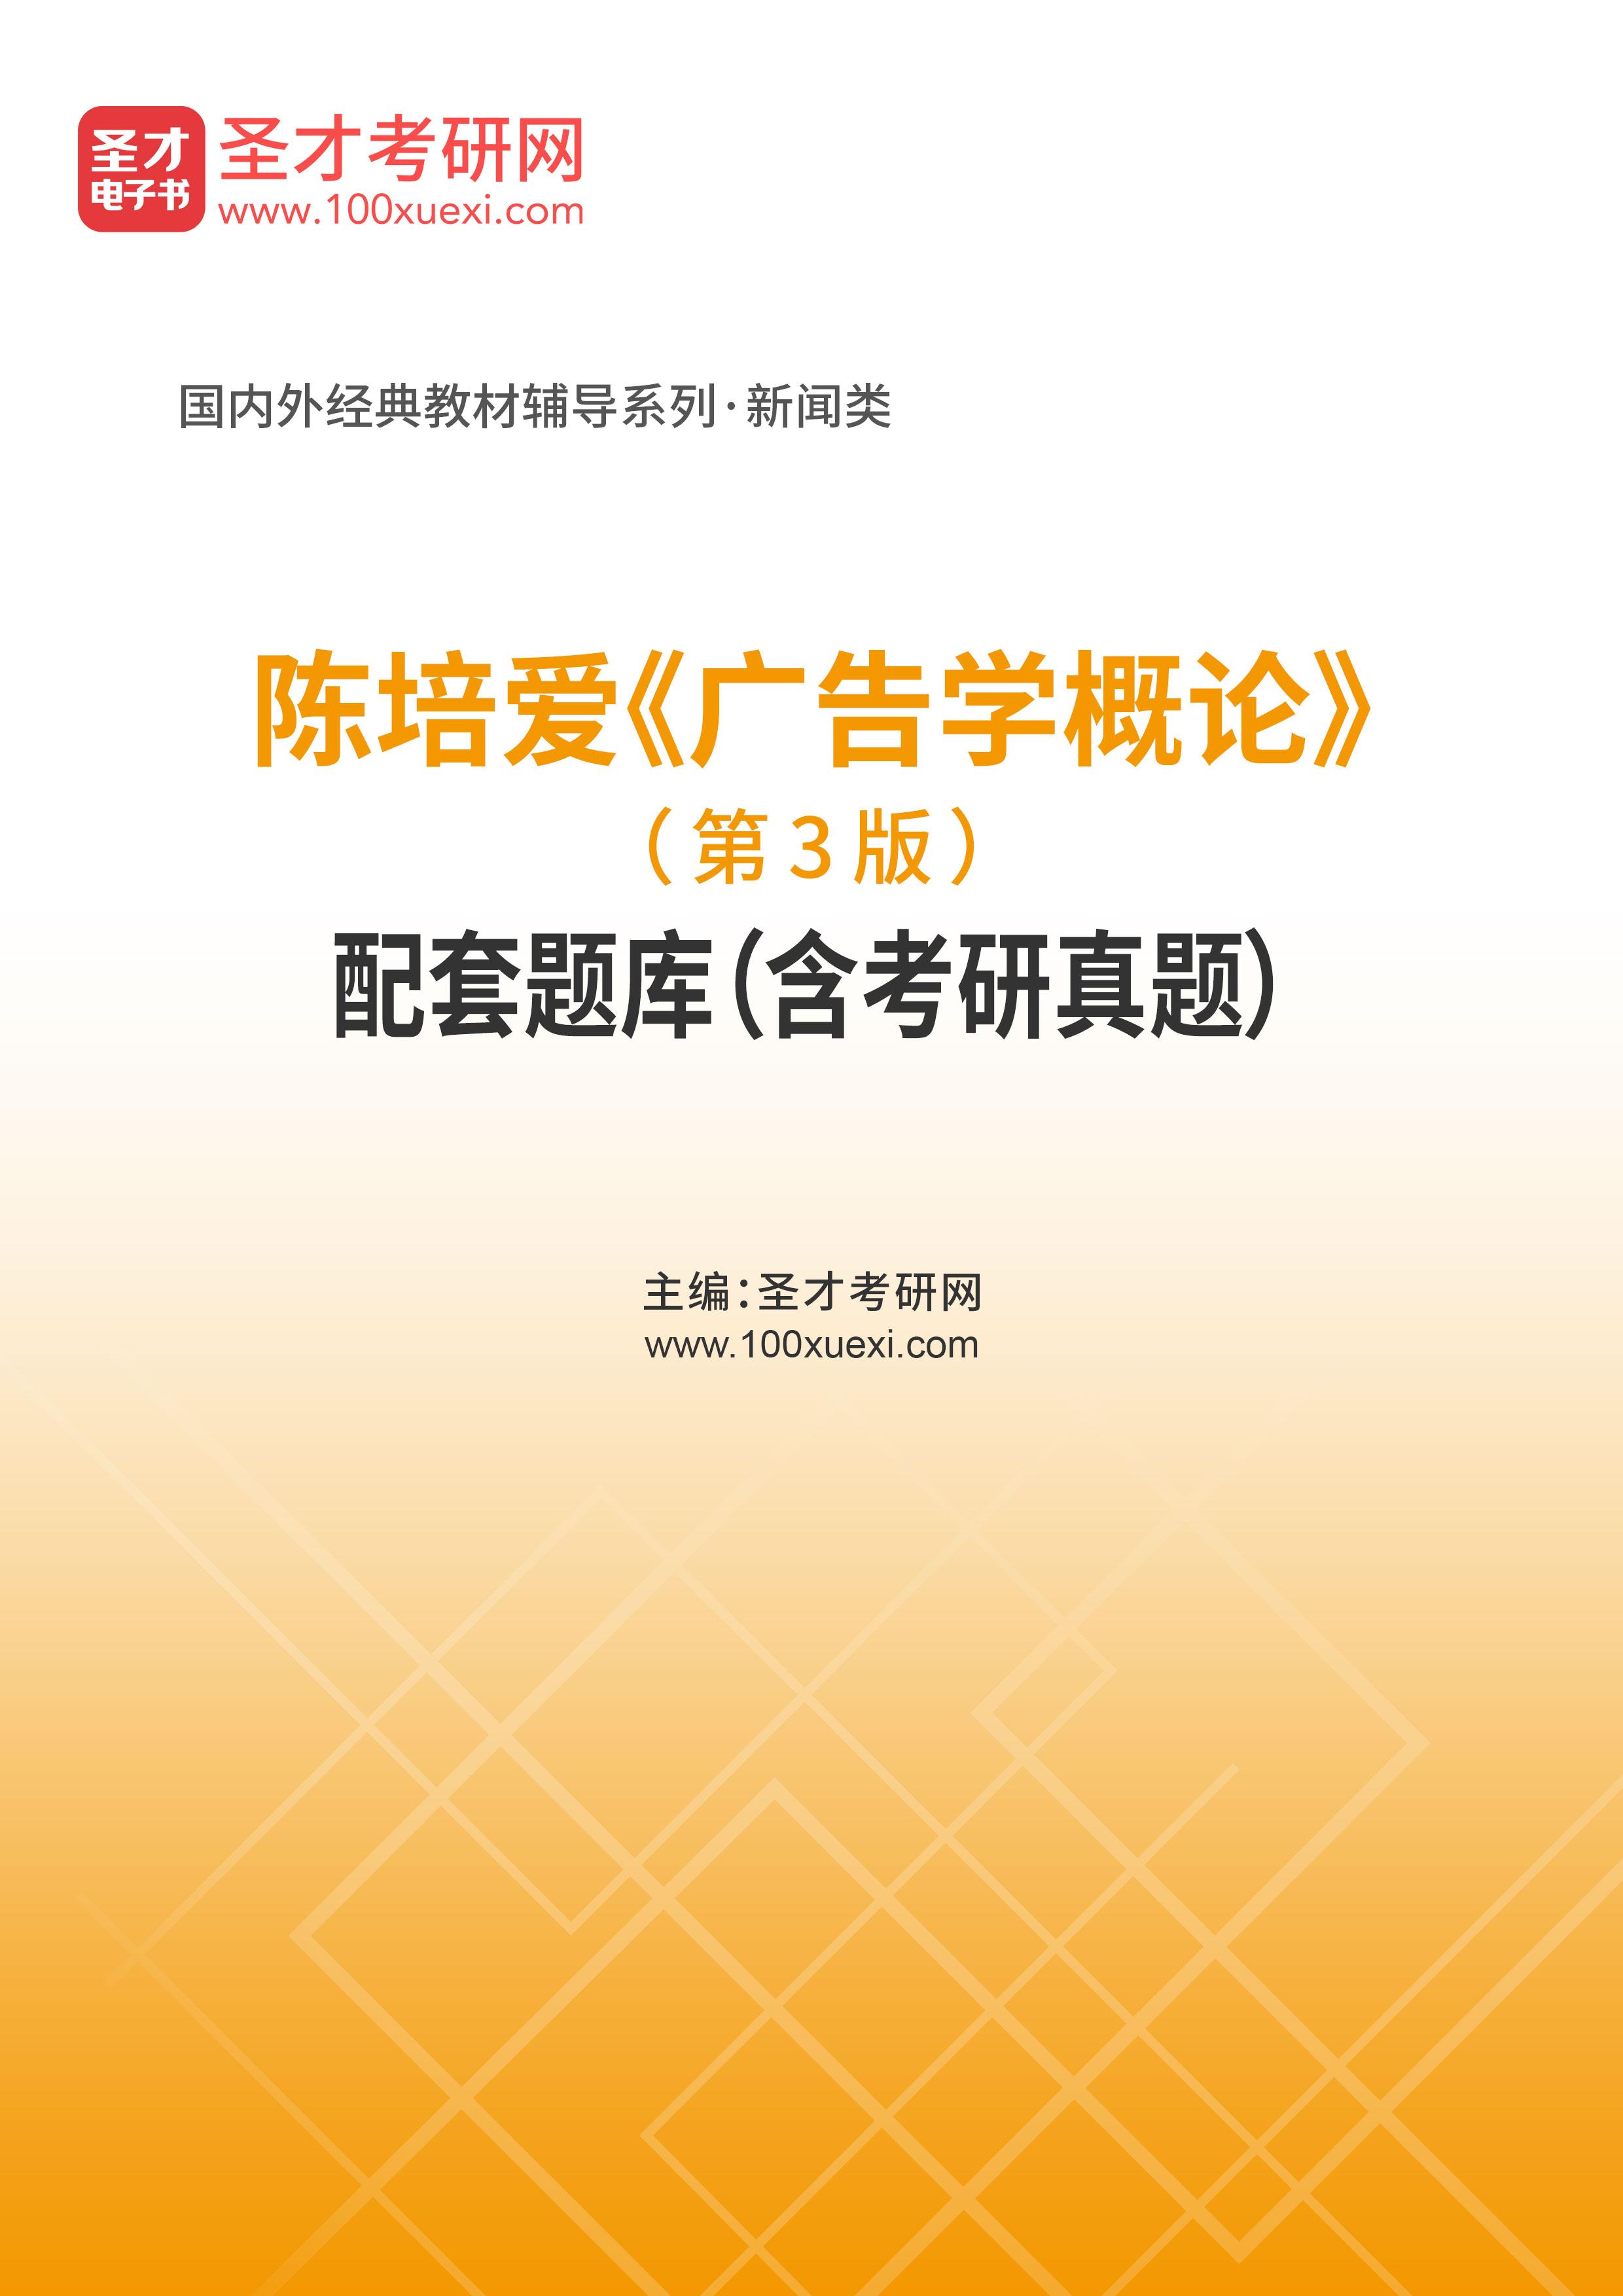 陈培爱《广告学概论》(第3版)配套题库(含考研真题)